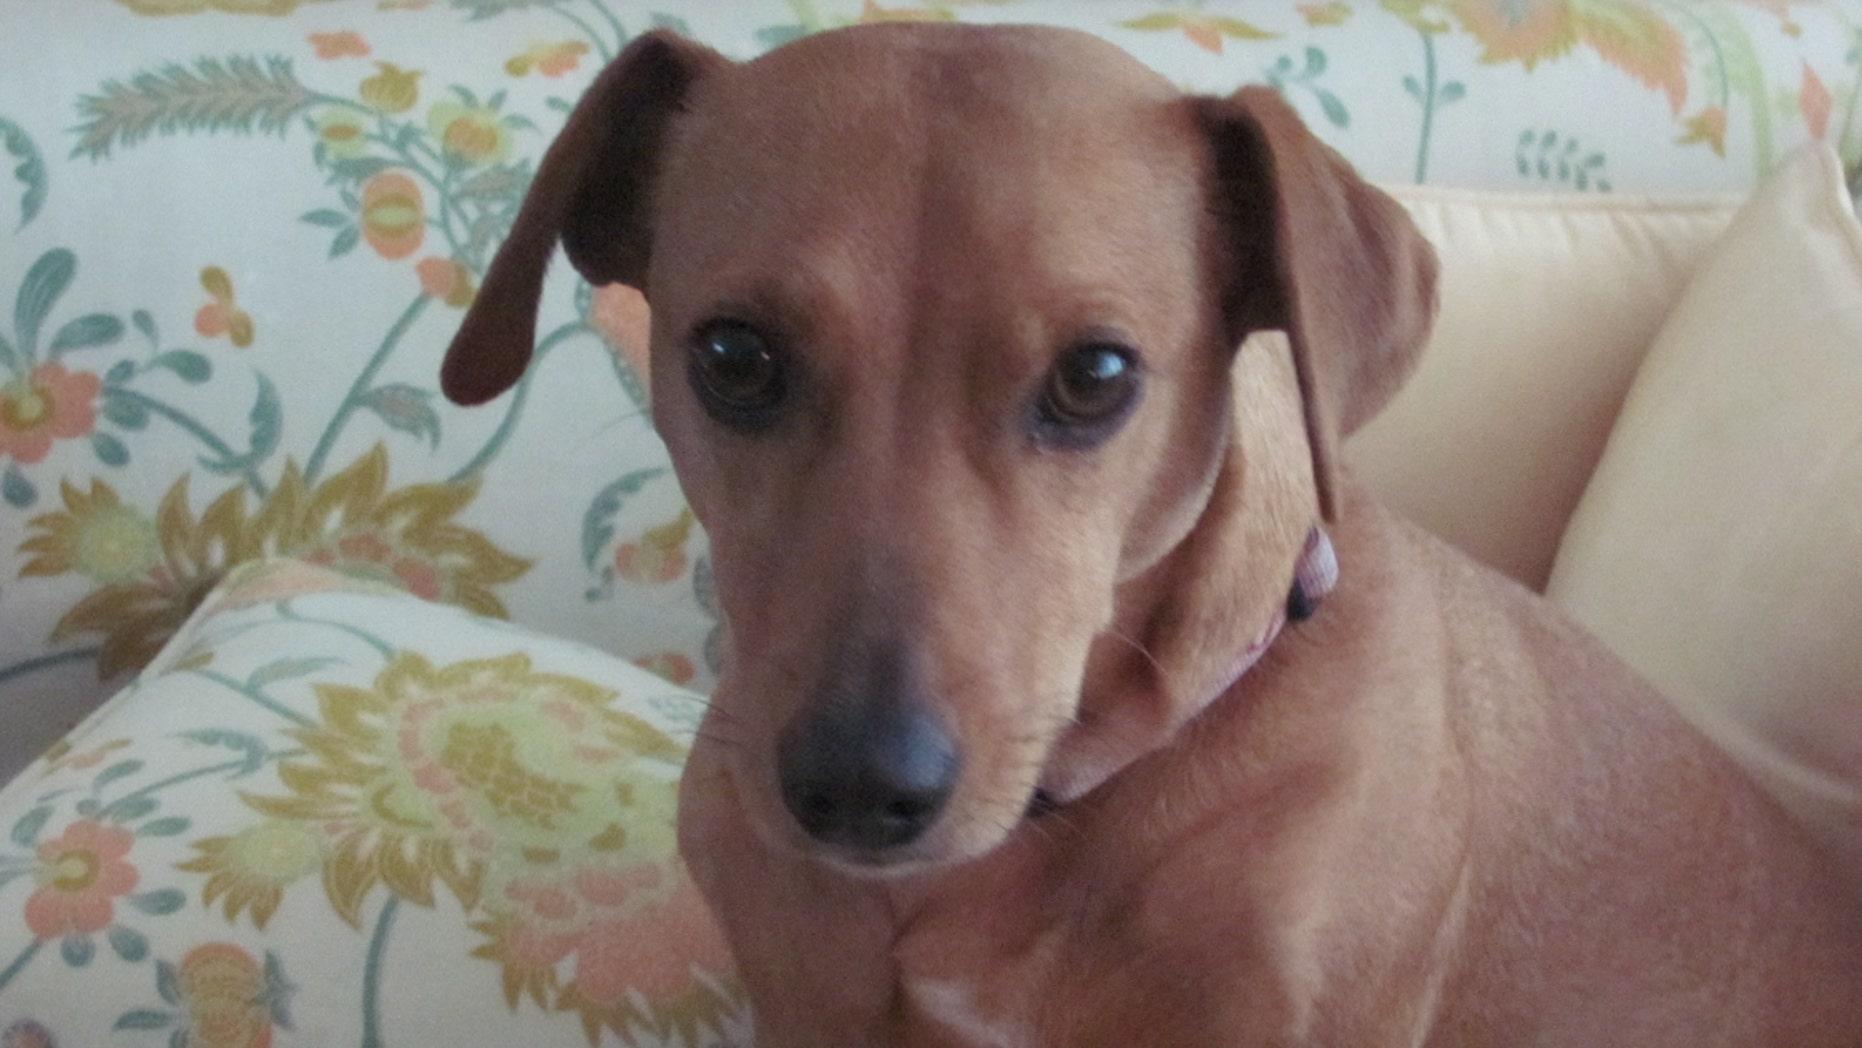 Lola the dachshund (Animal Legal Defense Fund)